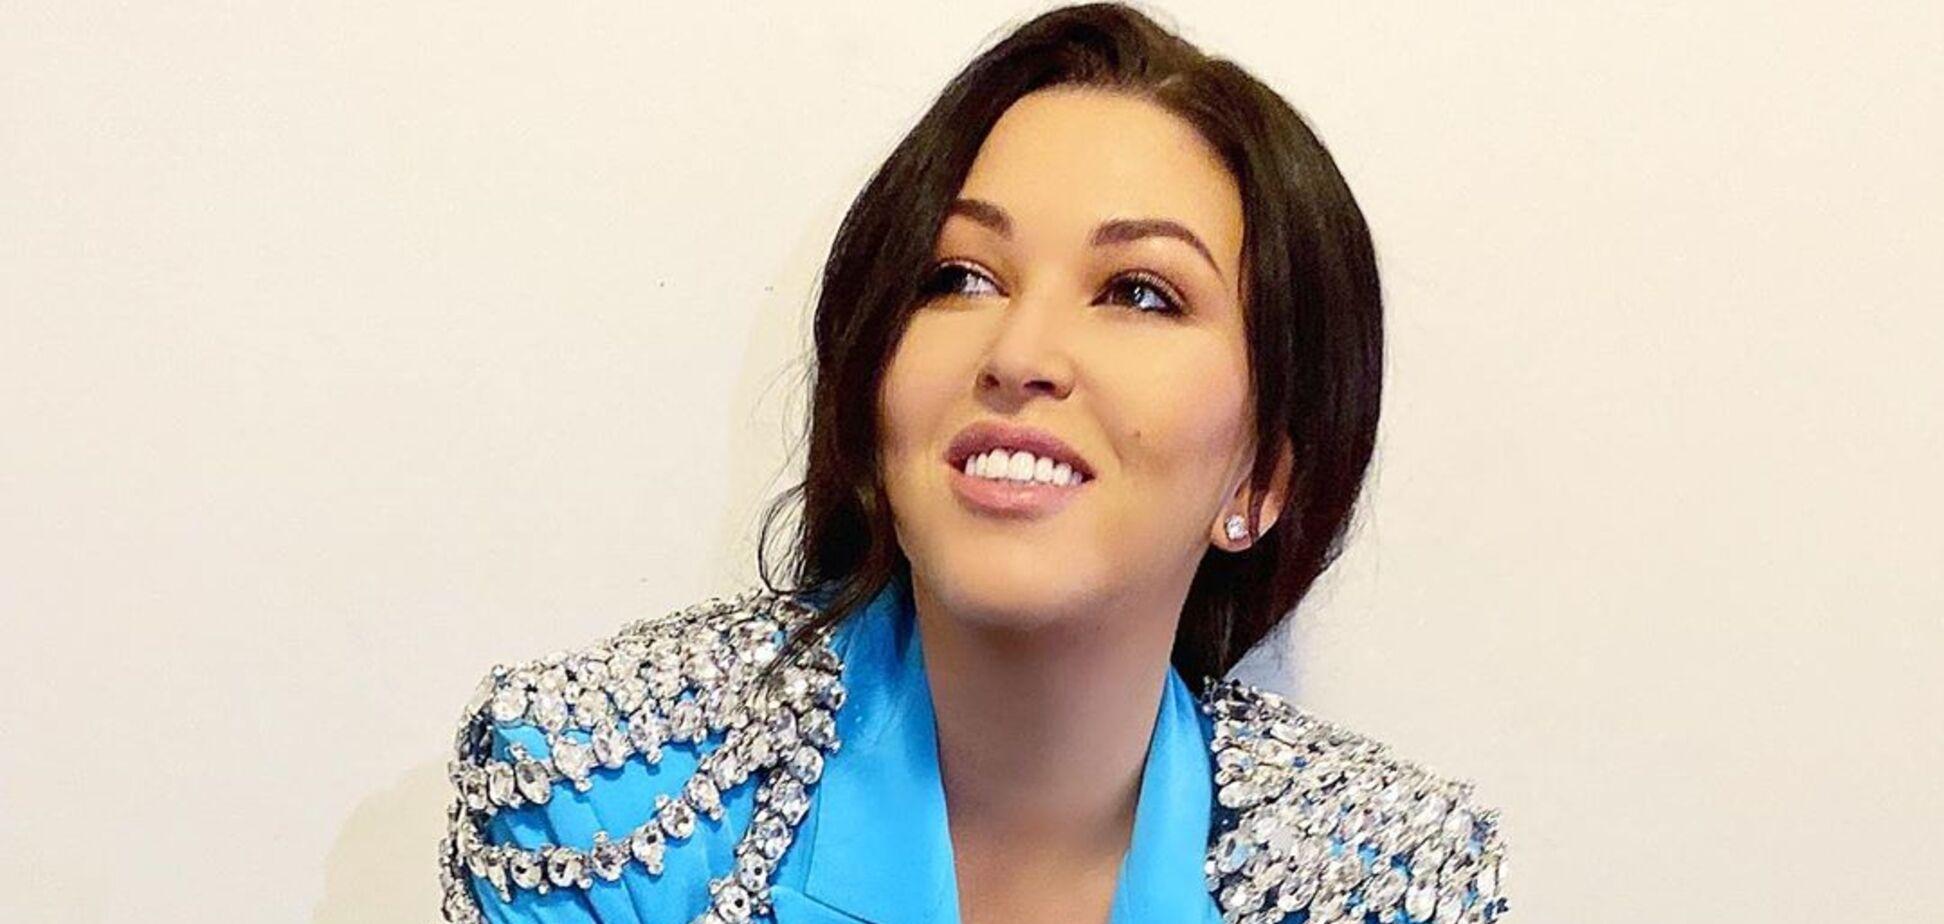 38-річна співачка з РФ похвалилася тілом у бікіні